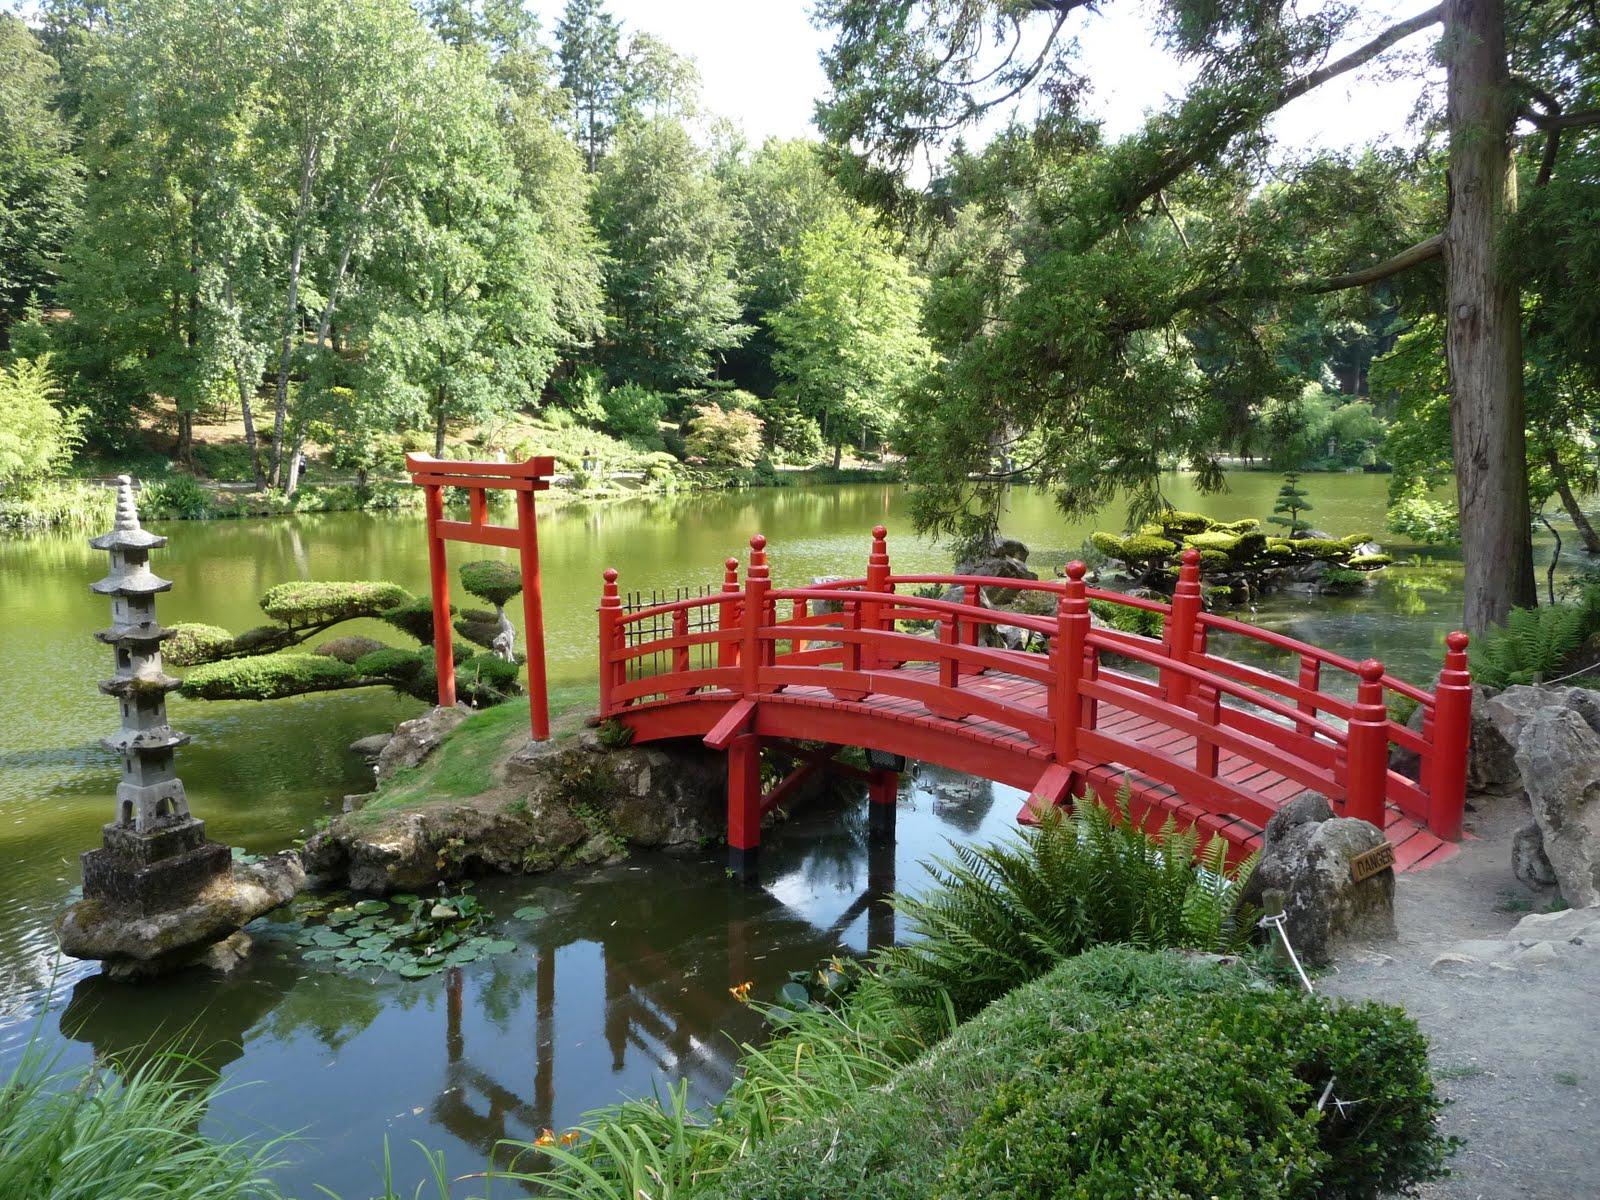 Franc s en la upp le parc oriental de maul vrier for Le jardin oriental de maulevrier